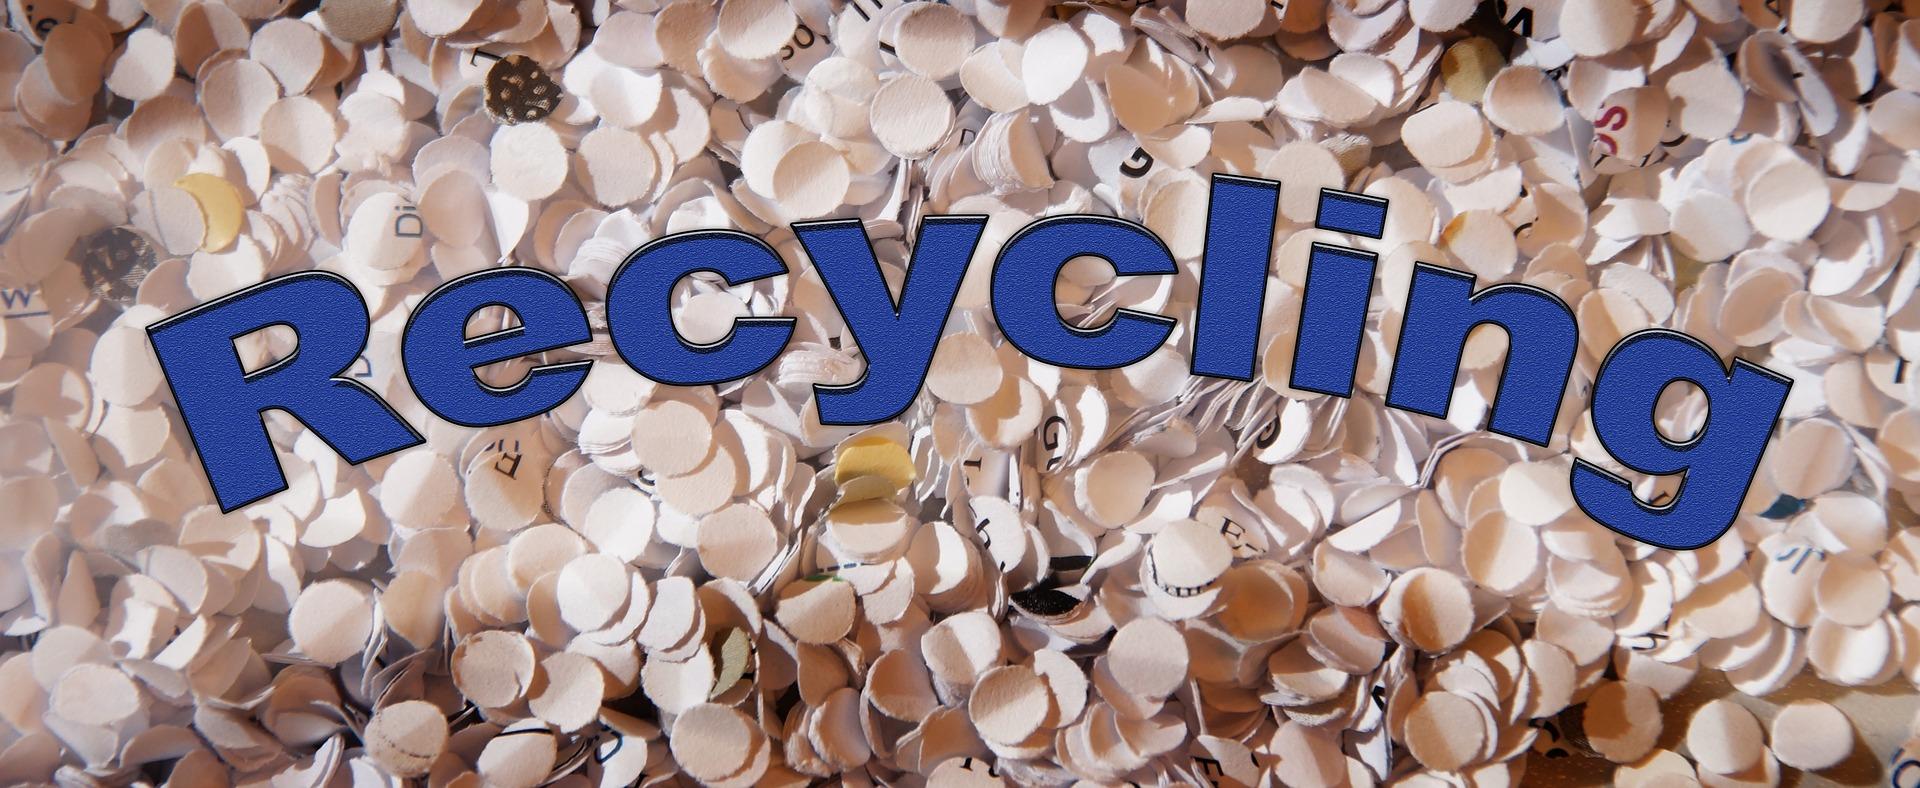 Textil Recycling - Geht das?